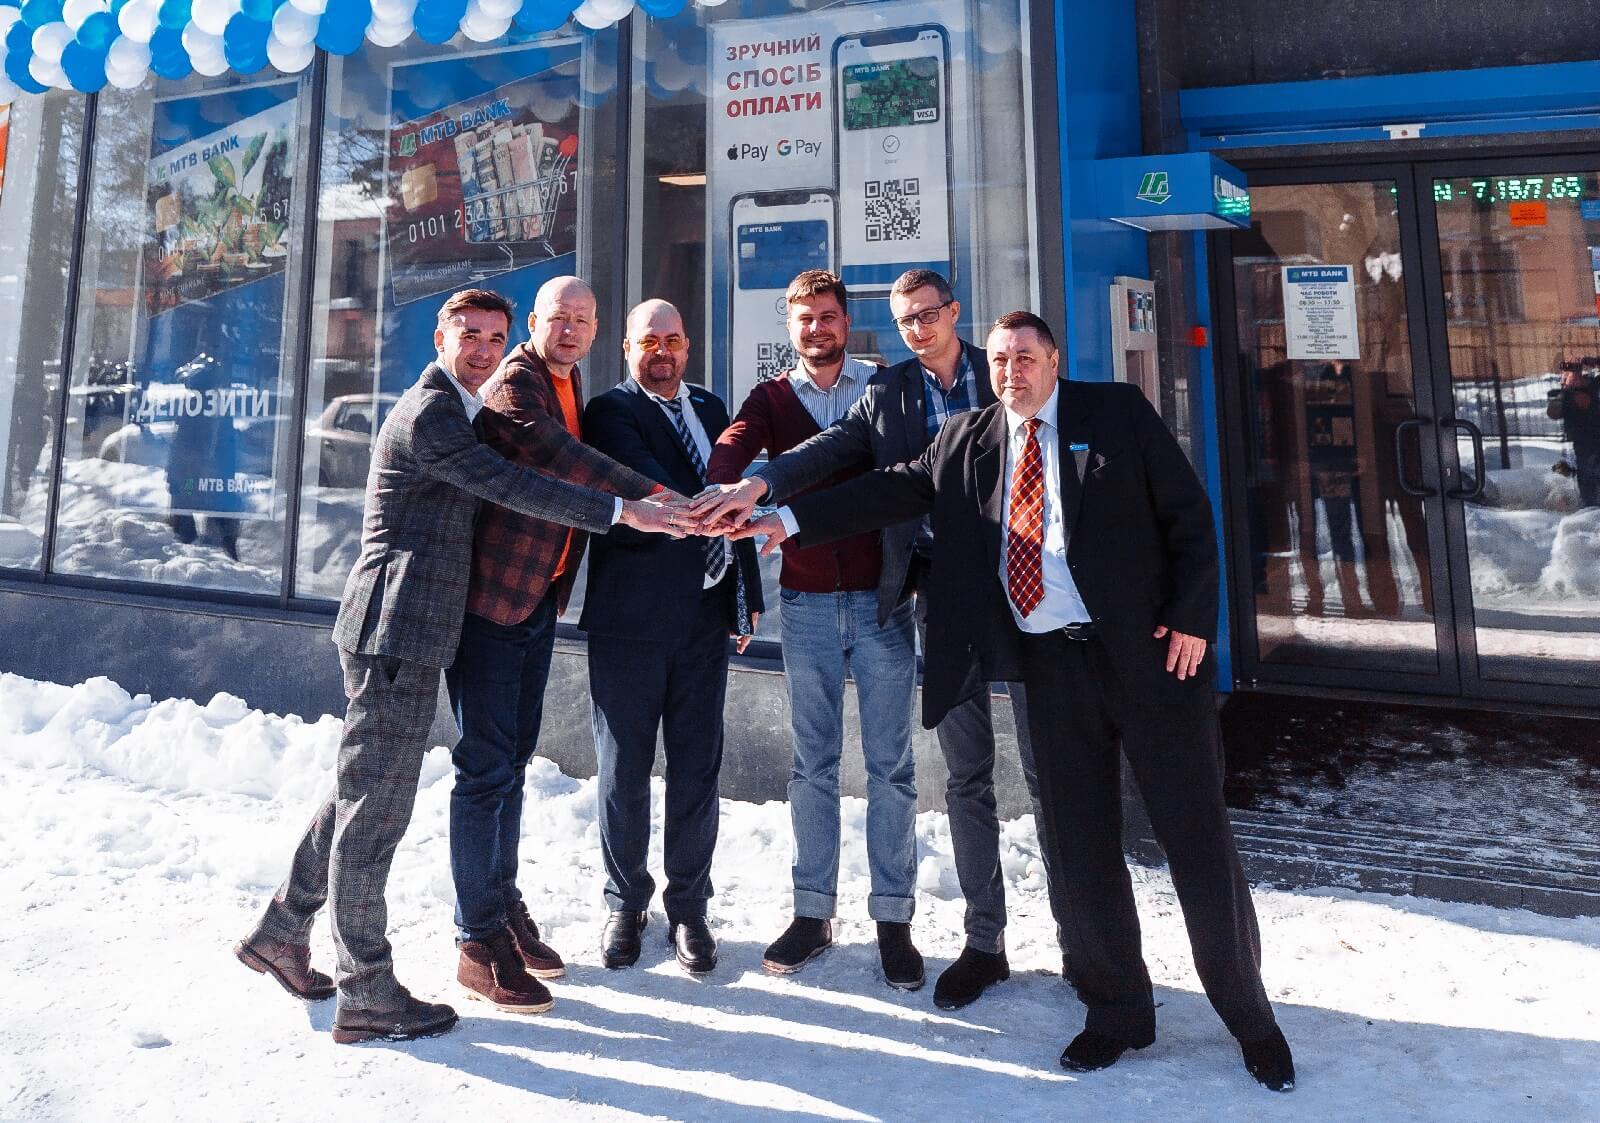 MTB БАНК - новый эксклюзивный партнер НК Верес - фото - mtb.ua